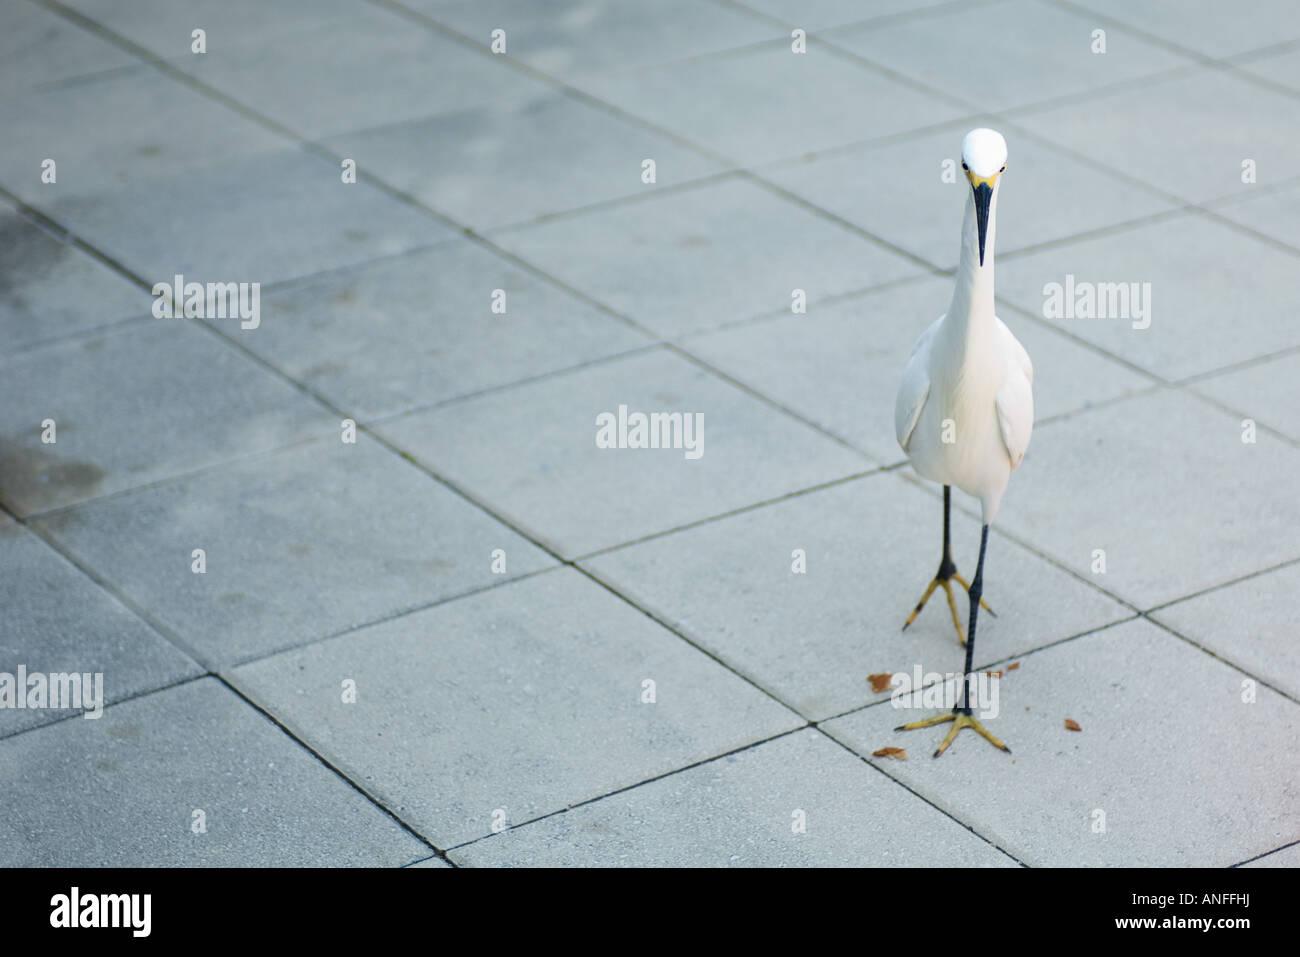 Snowy egret (Egretta thula) walking on tiled floor - Stock Image